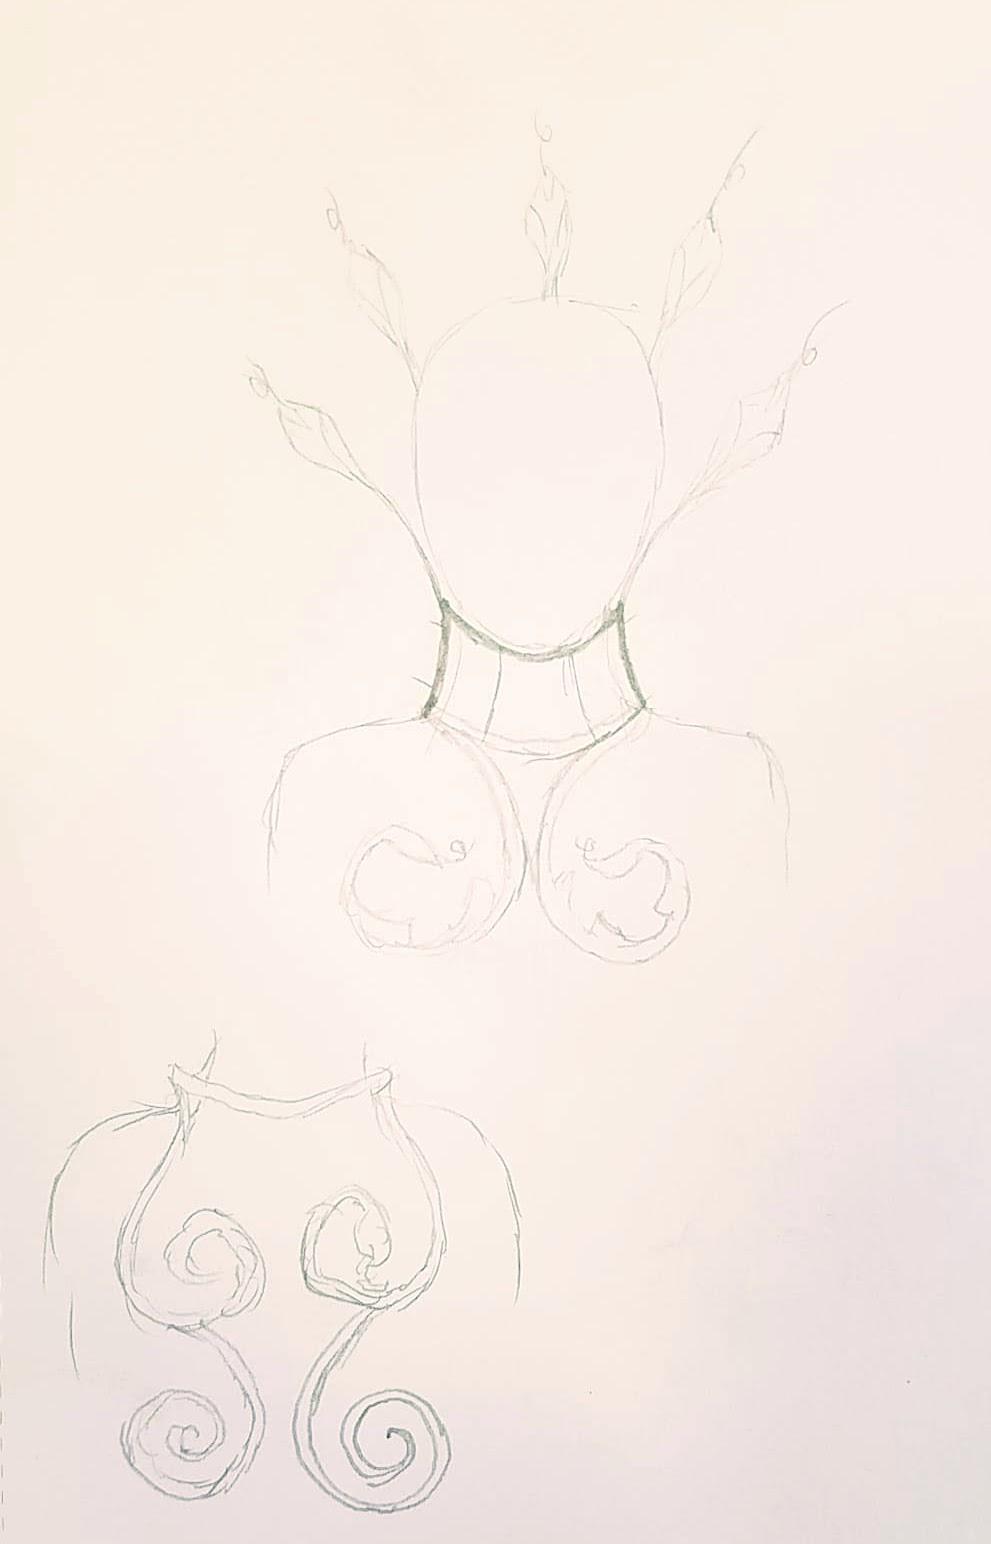 Collar design 1